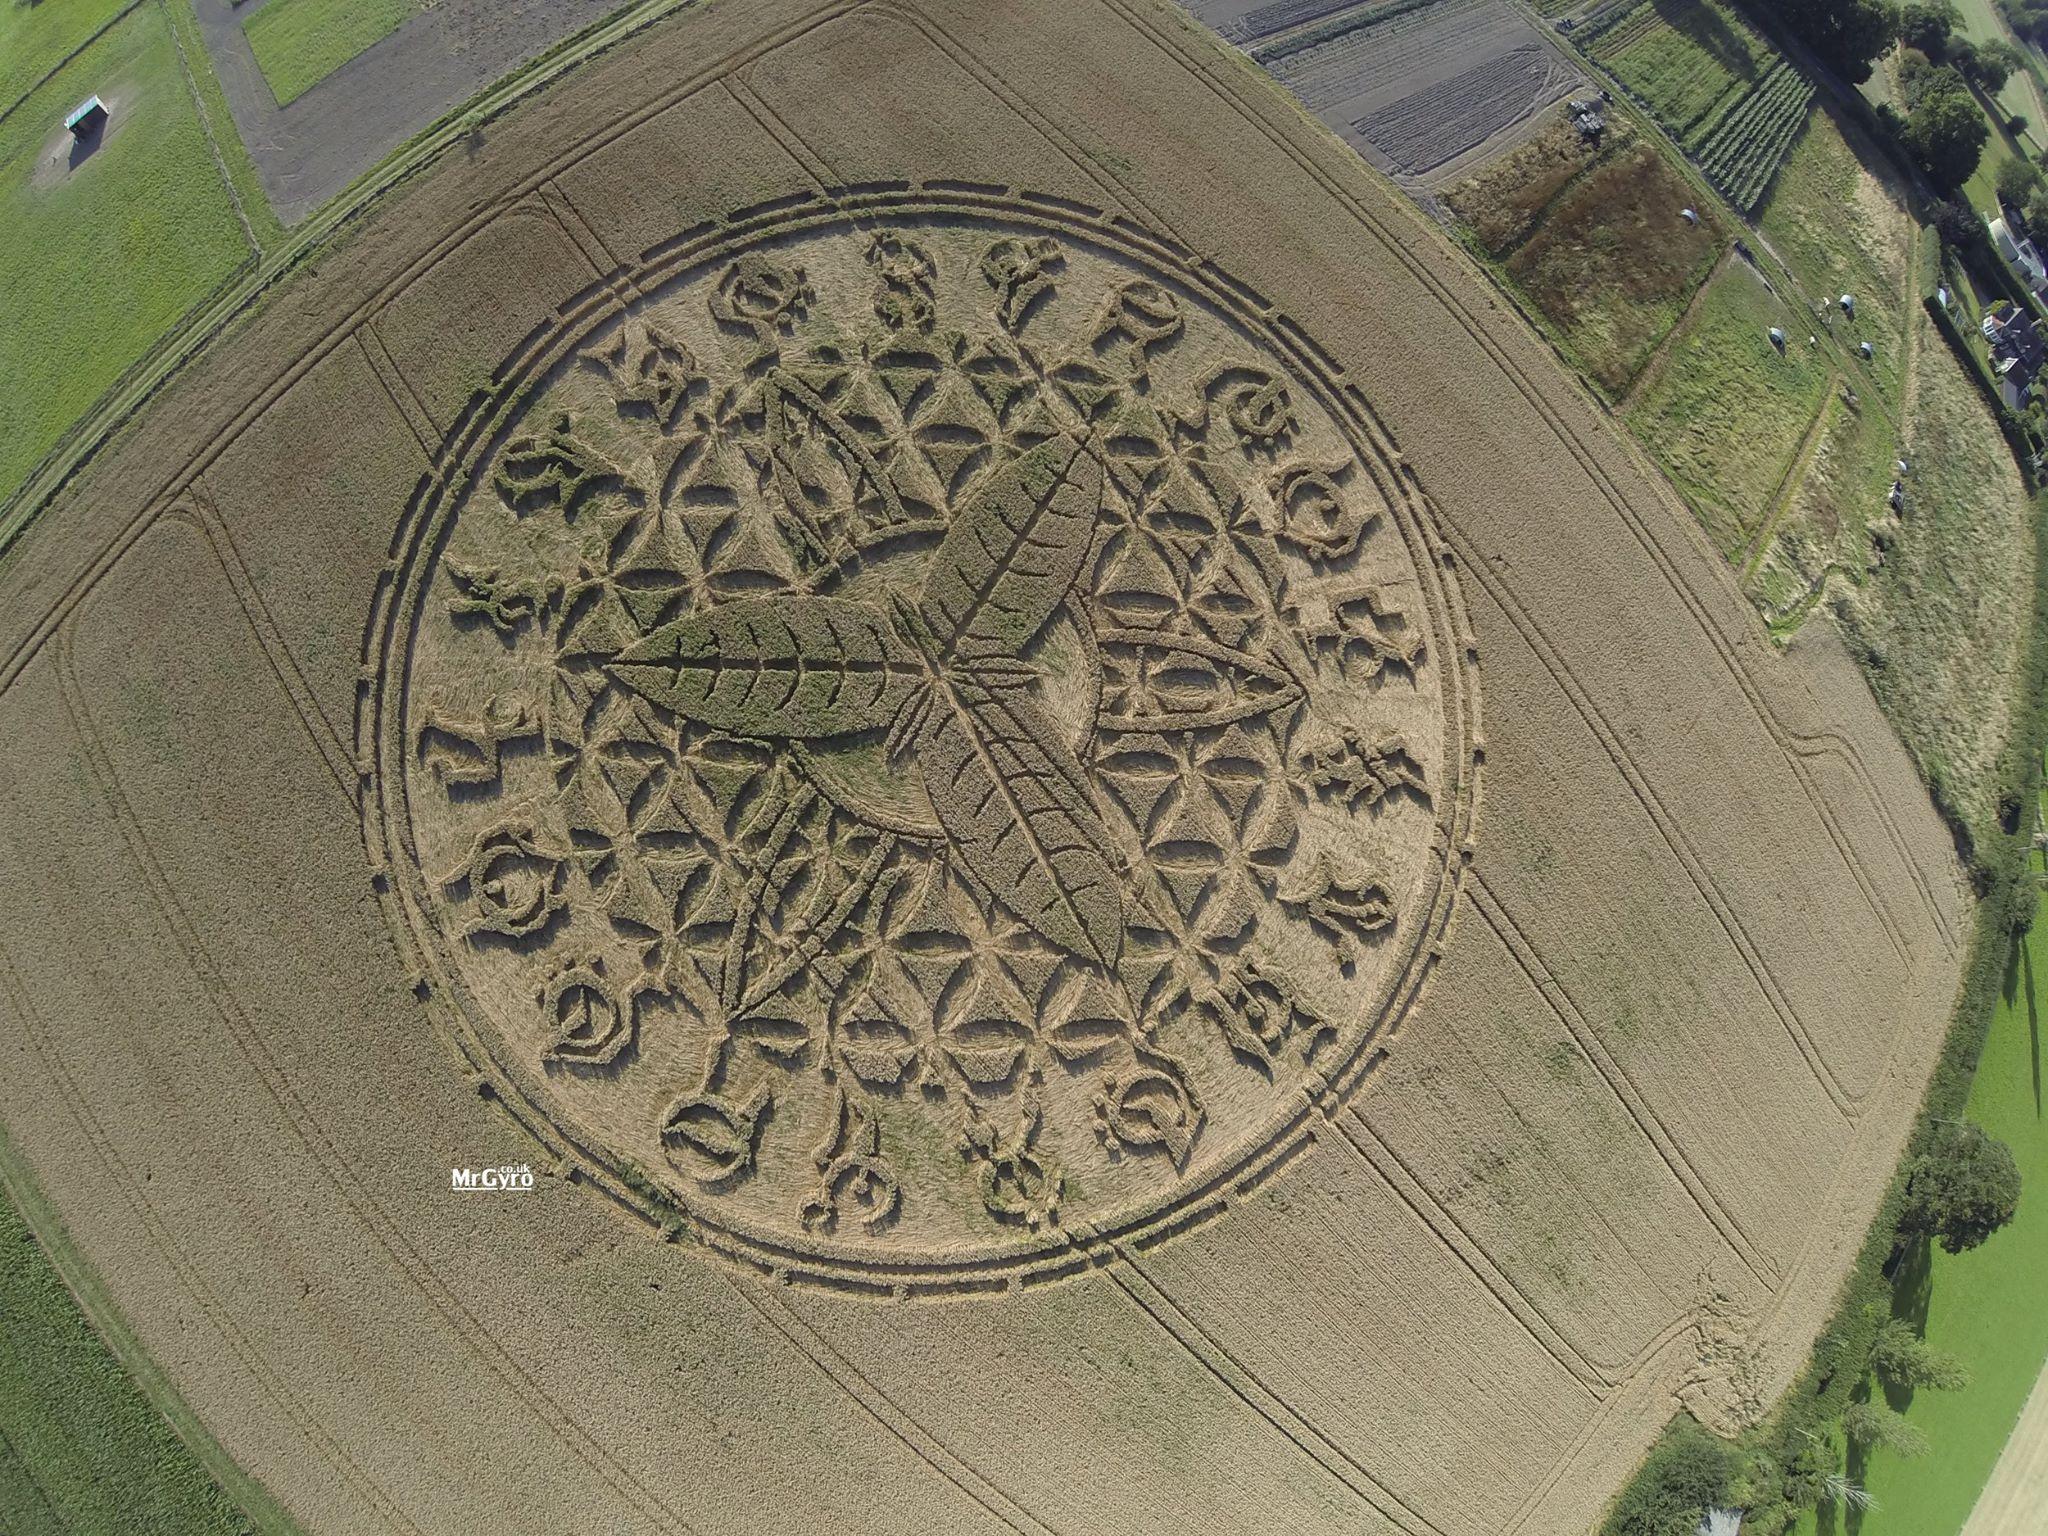 Круг на поле со звёздным посланием недалеко от Солсбери, графство Уилтшир, Великобритания Август 2016